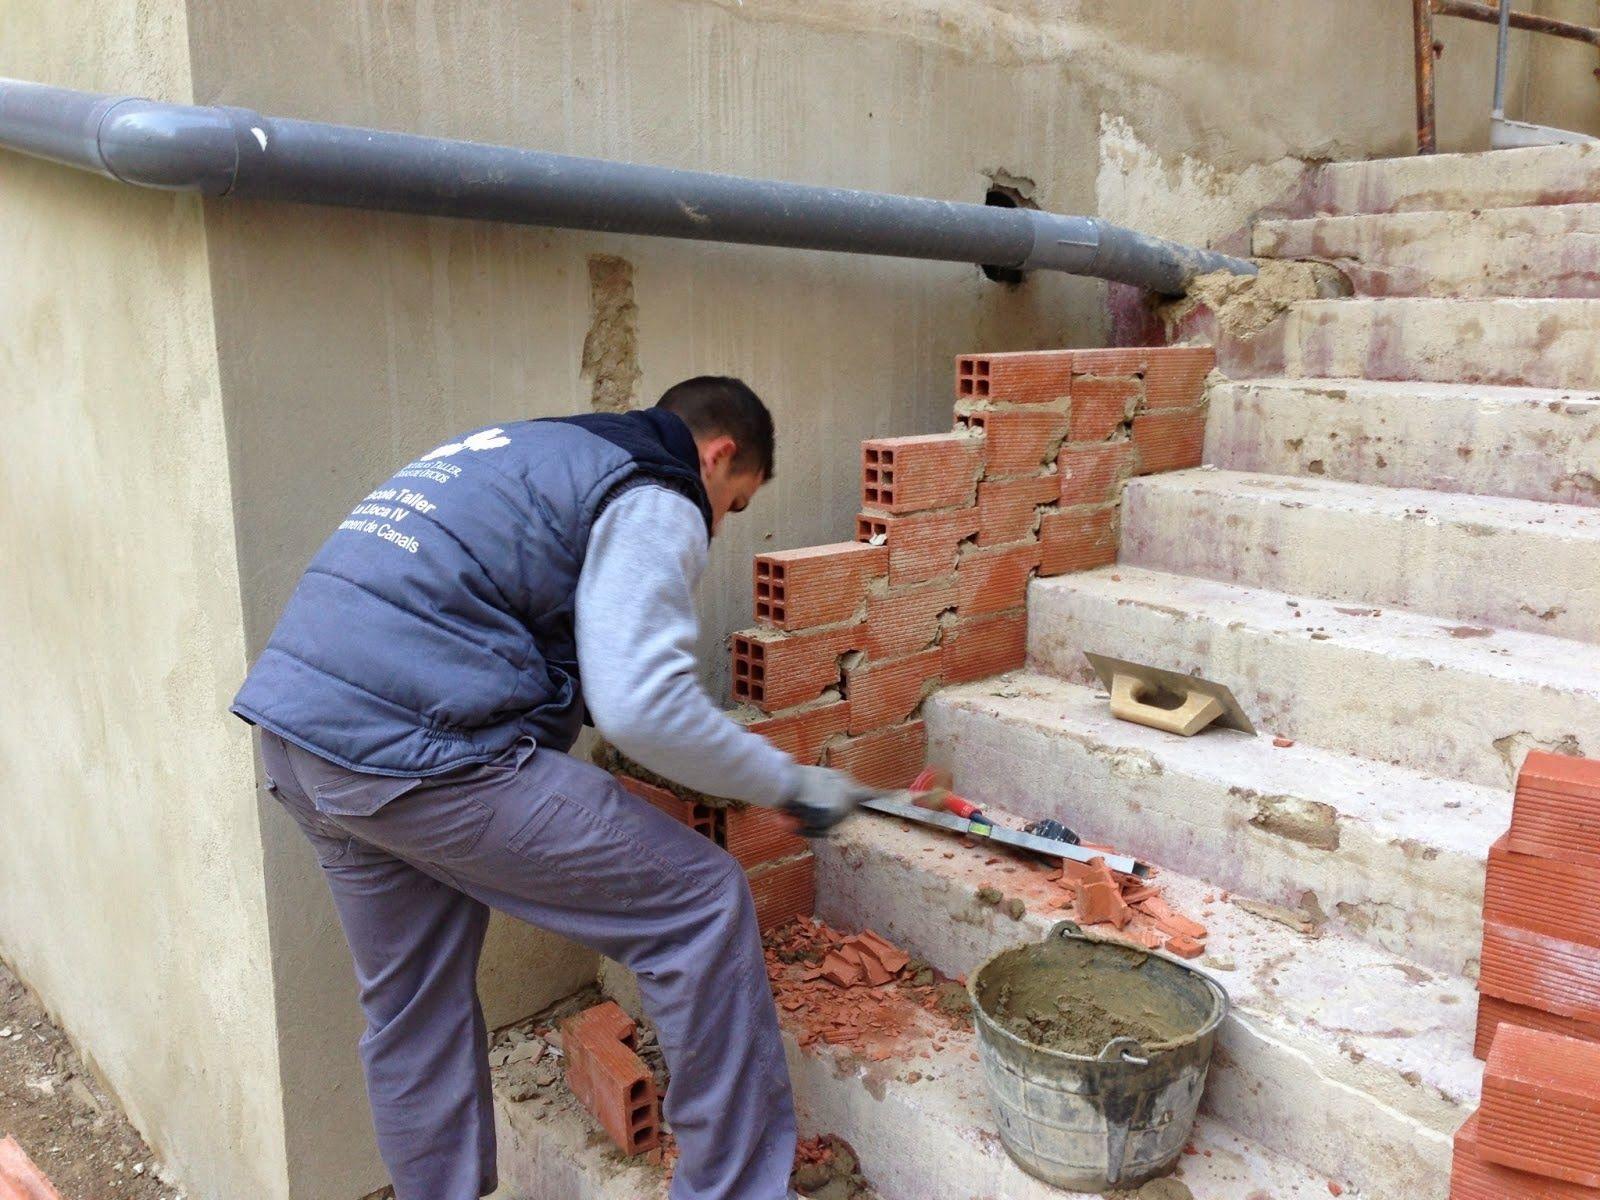 Construcci n de escaleras en el blog el maestro de obras - Escaleras de ladrillo ...